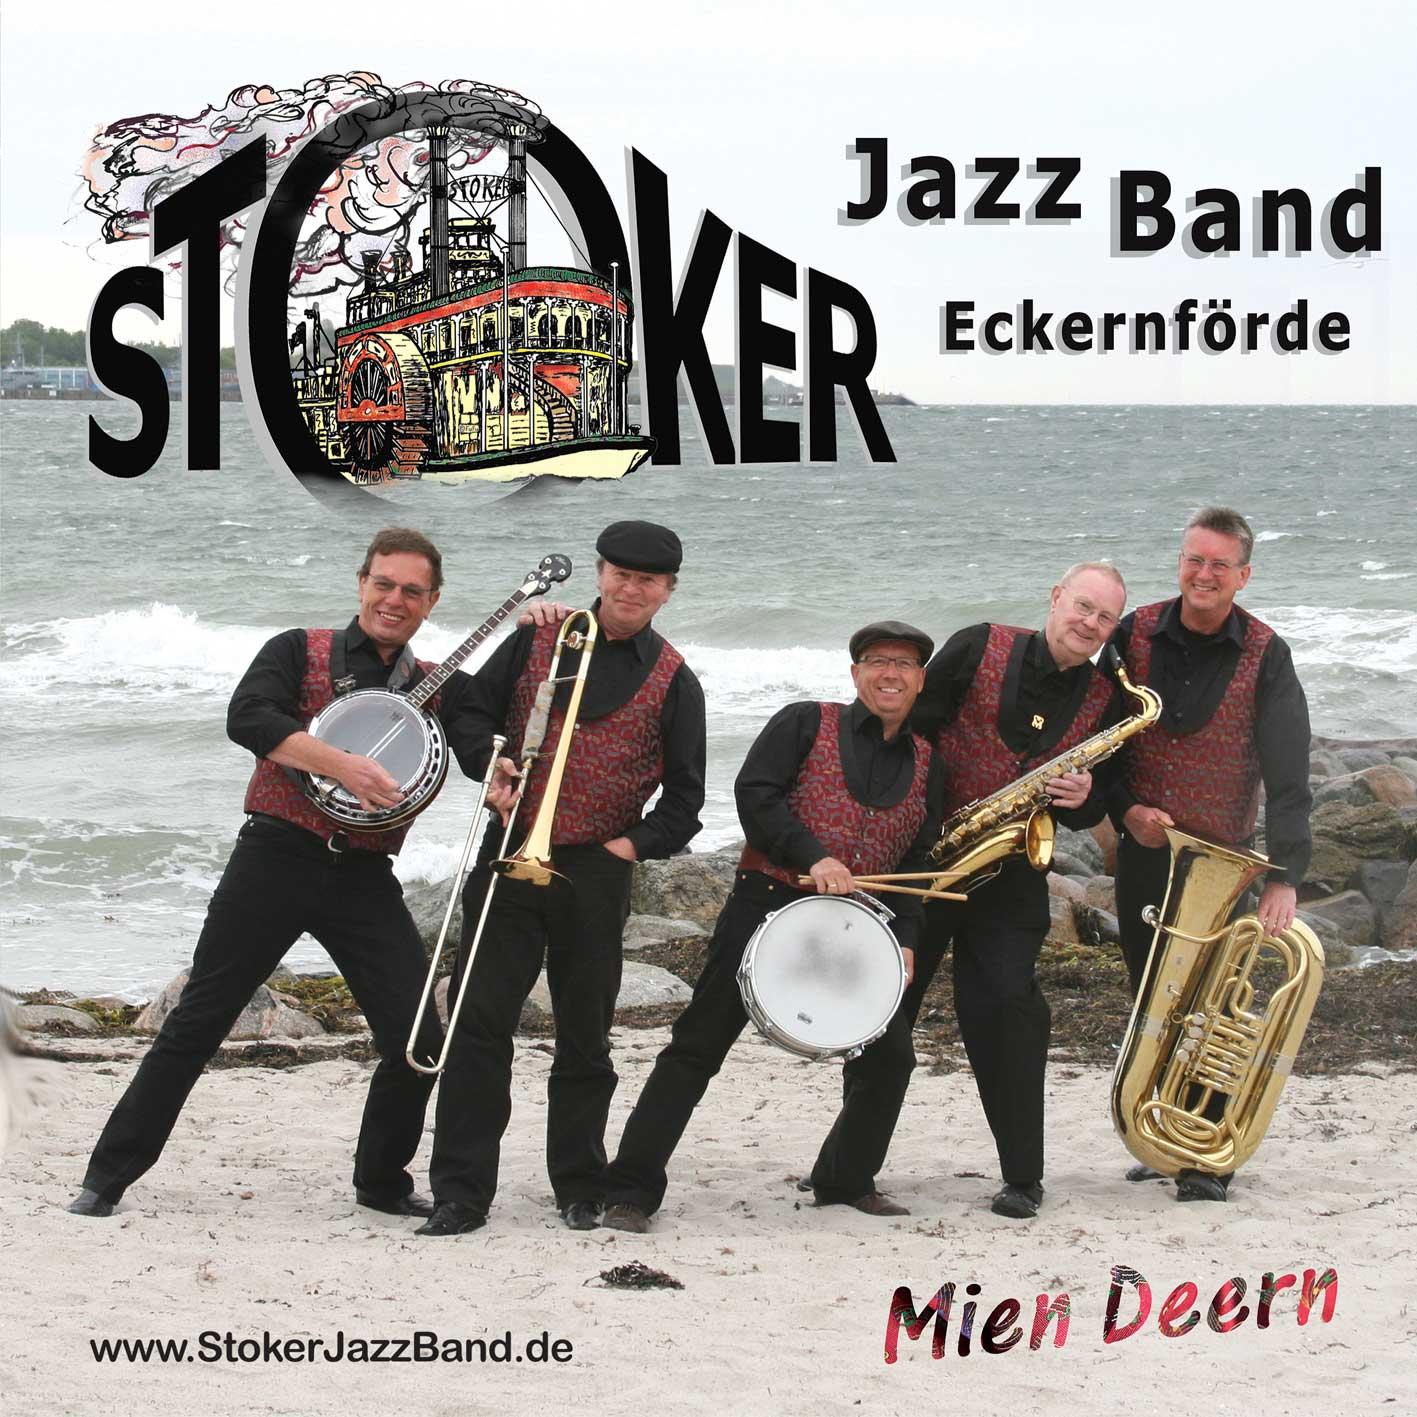 Kneipenjazz-Start mit der Stoker-Jazz-Band in Eckernförde